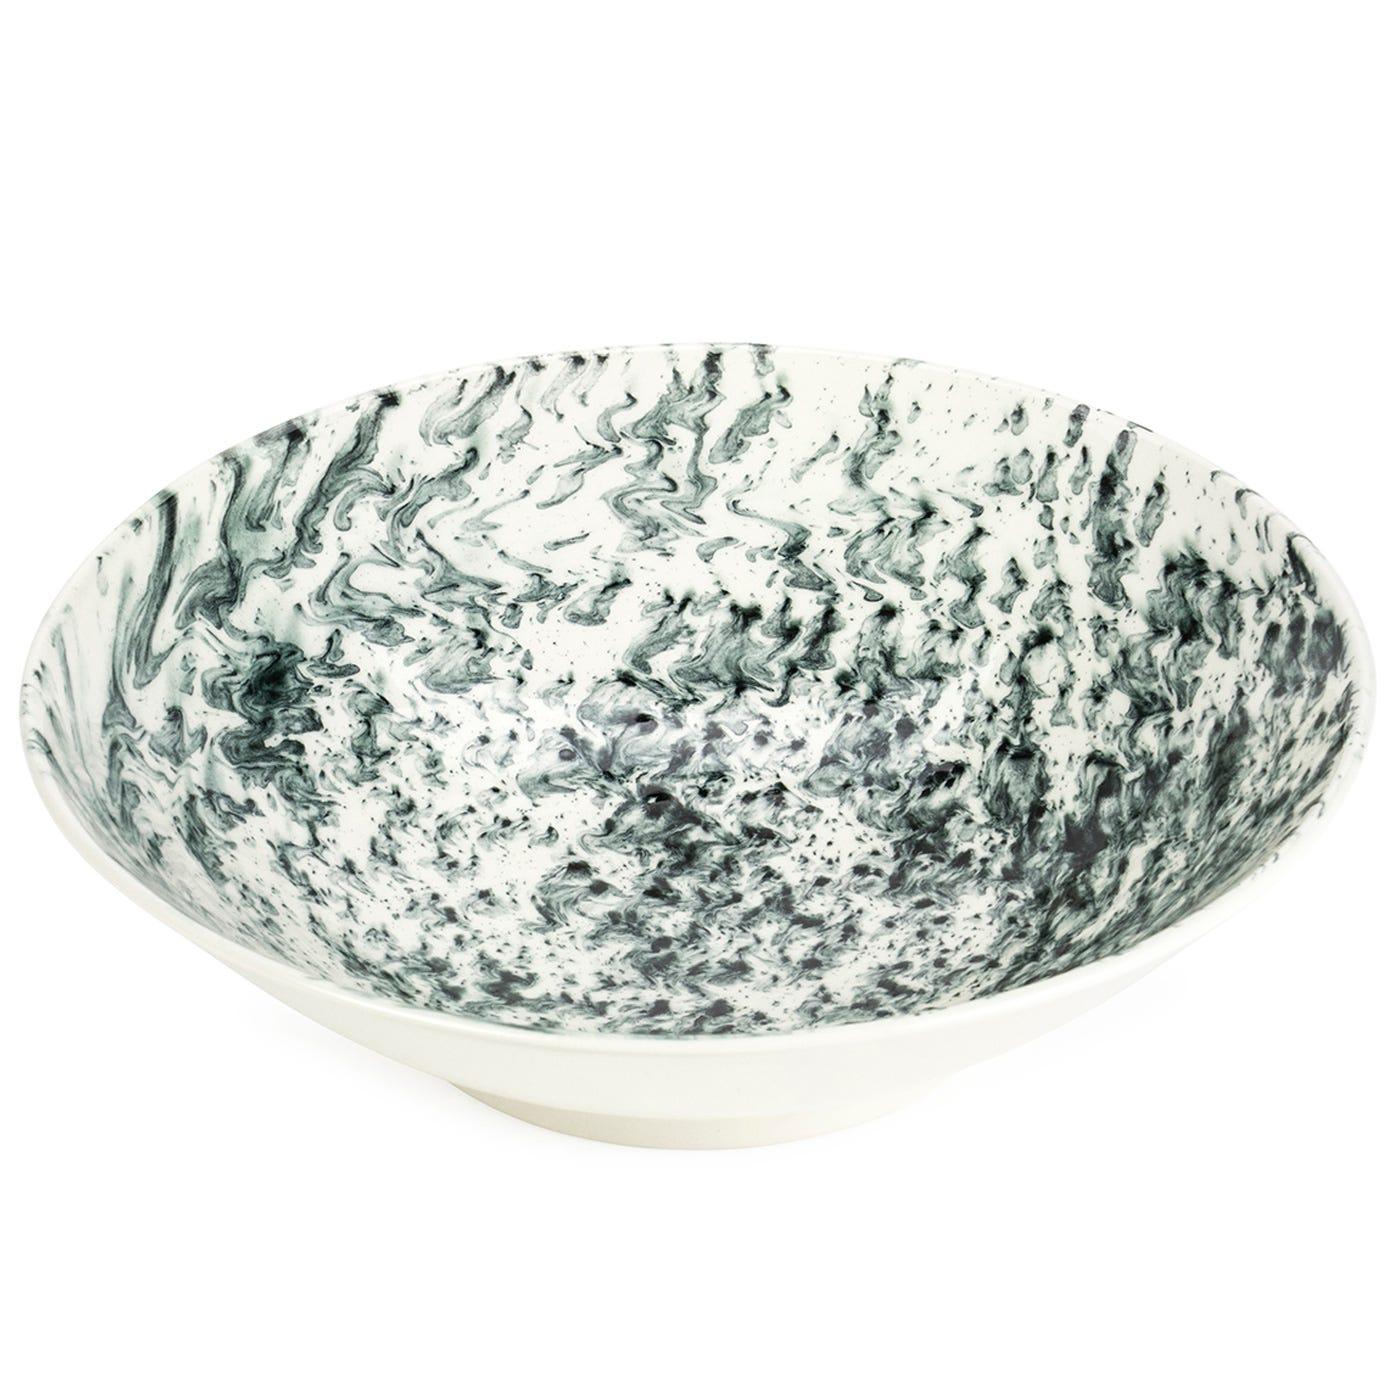 Slick Medium Serving Bowl